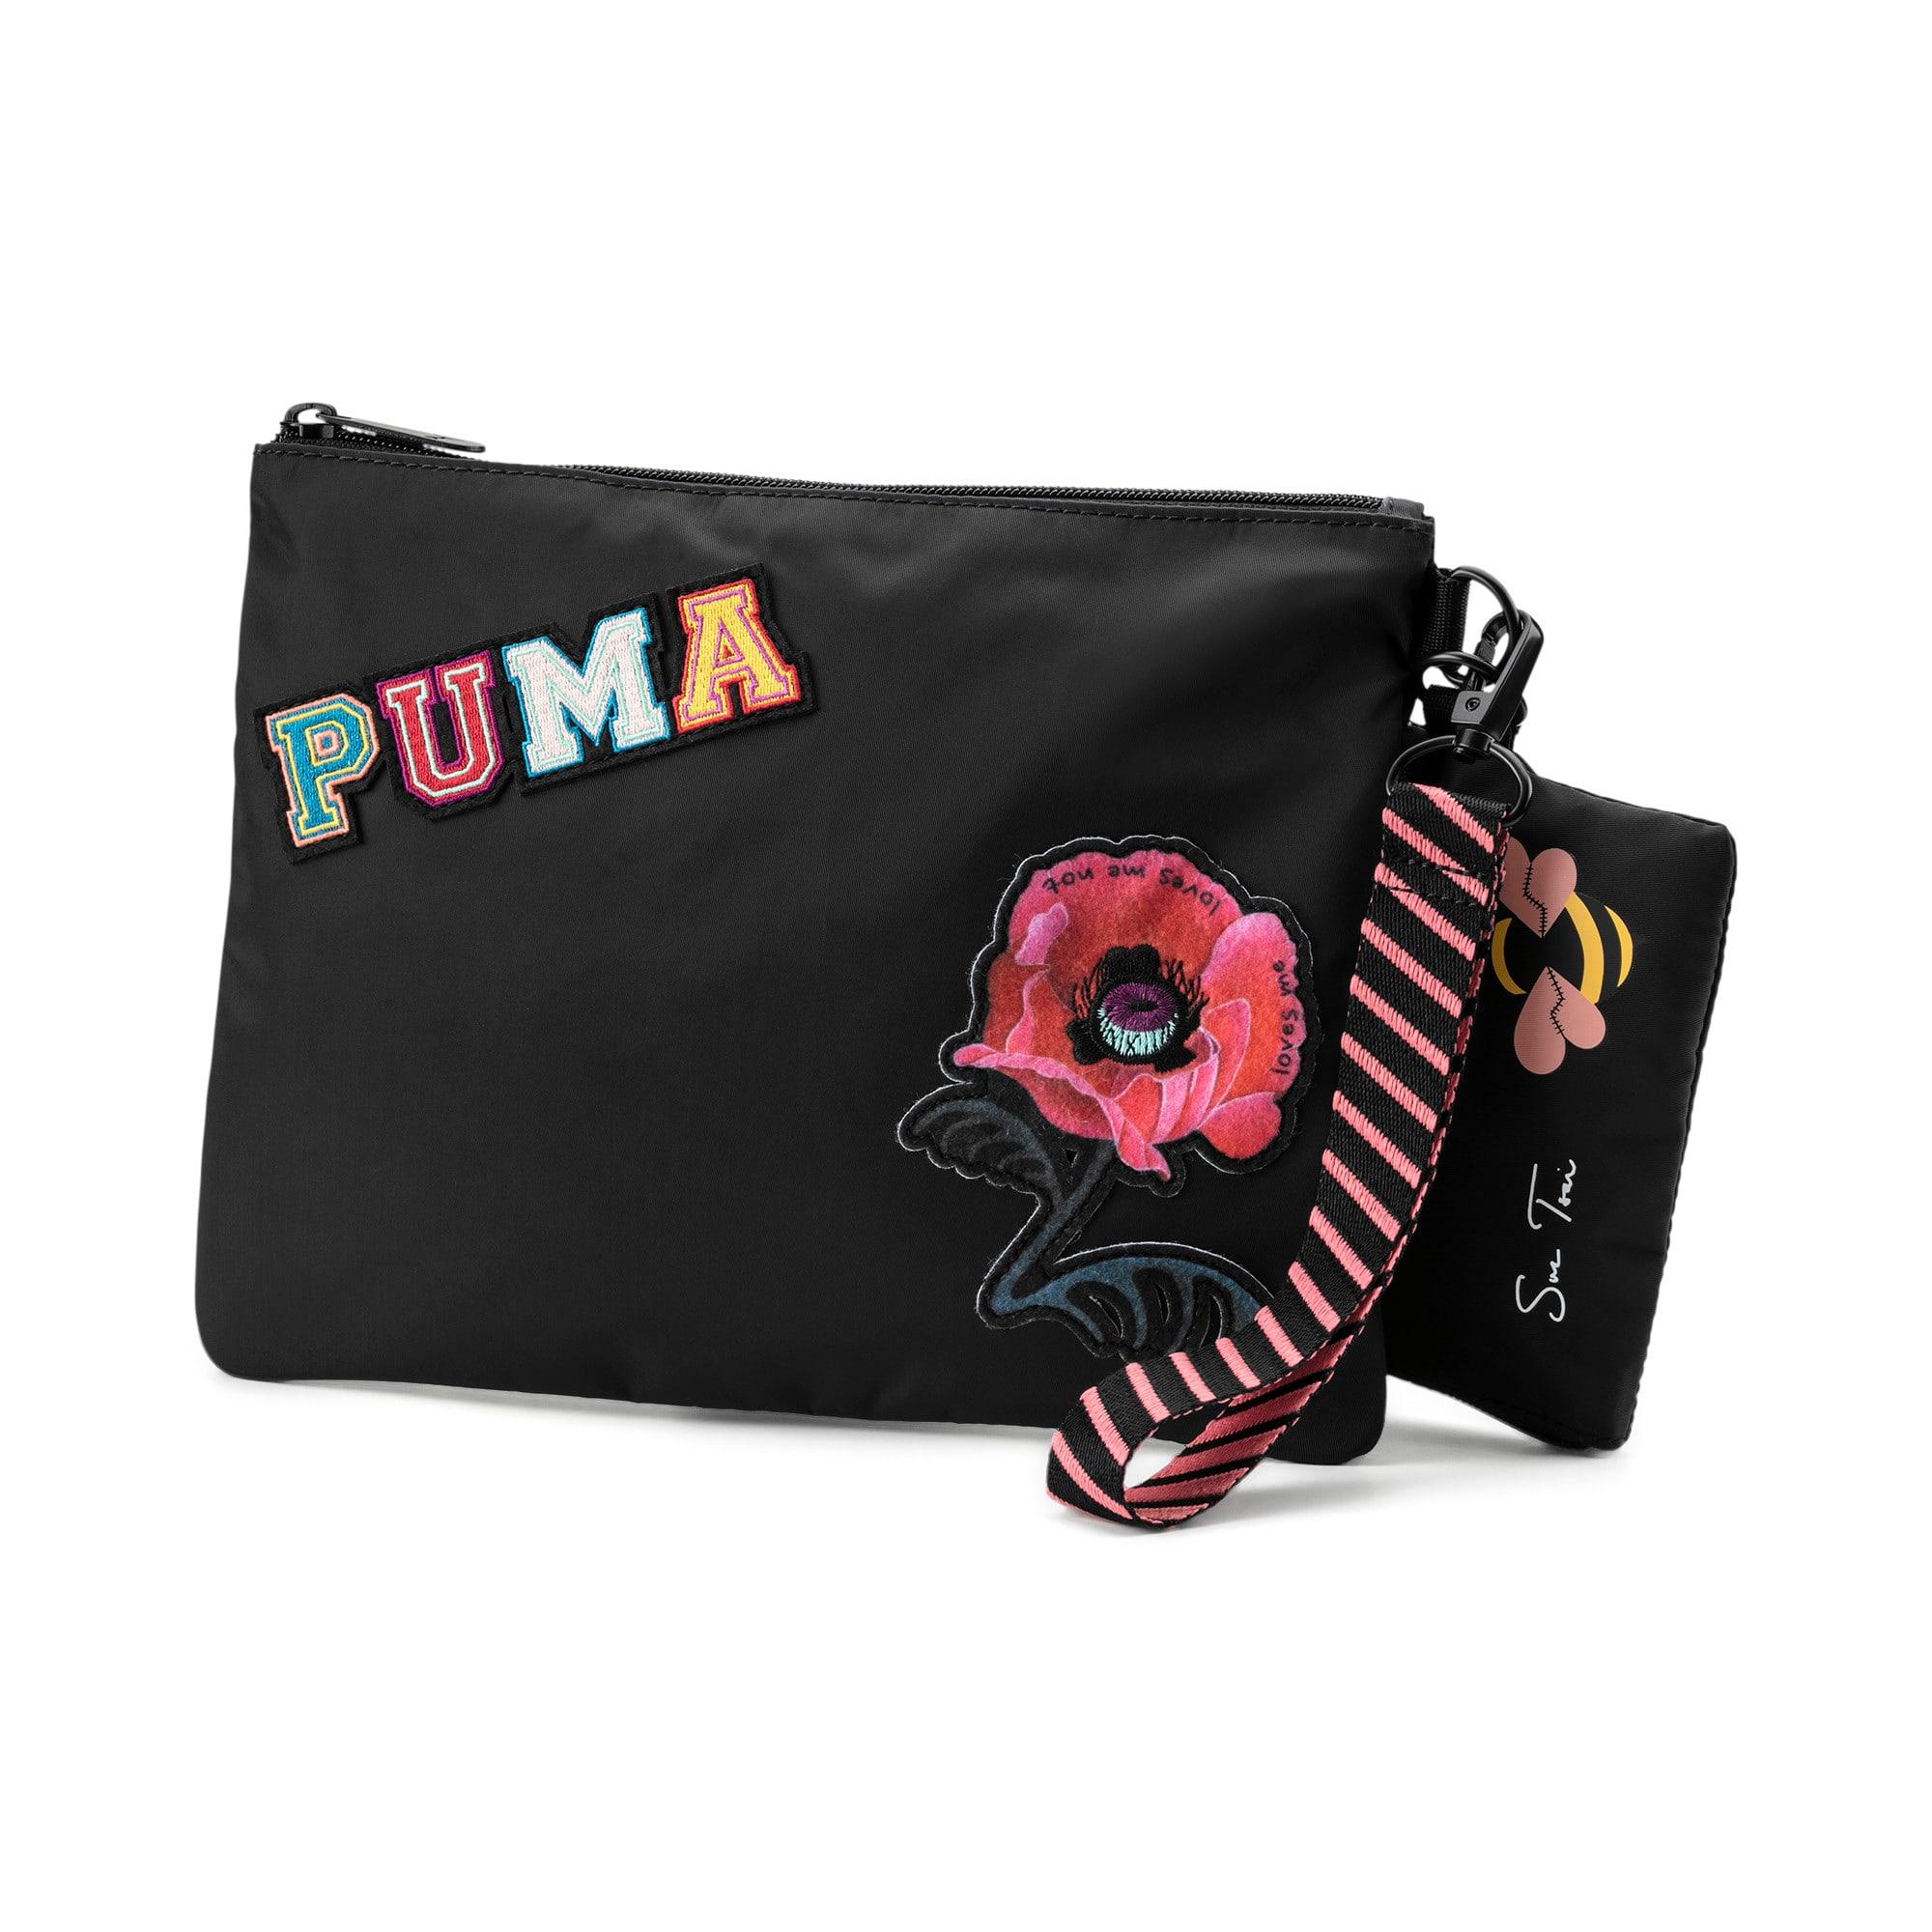 Thumbnail 1 of PUMA x SUE TSAI Pouch, Puma Black, medium